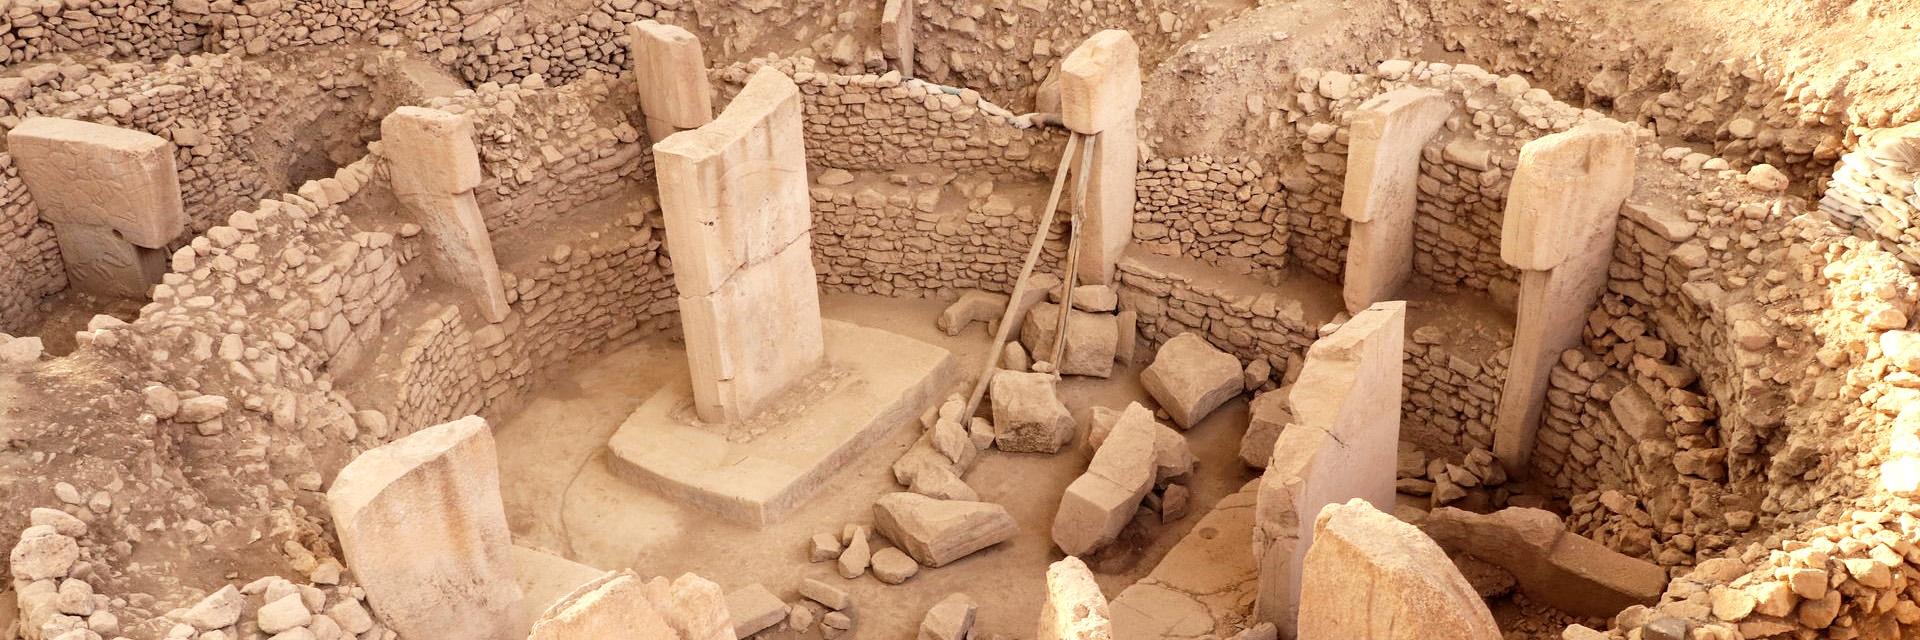 12 Bin Yıllık Miras, Tarihi Kentleri Ağırladı